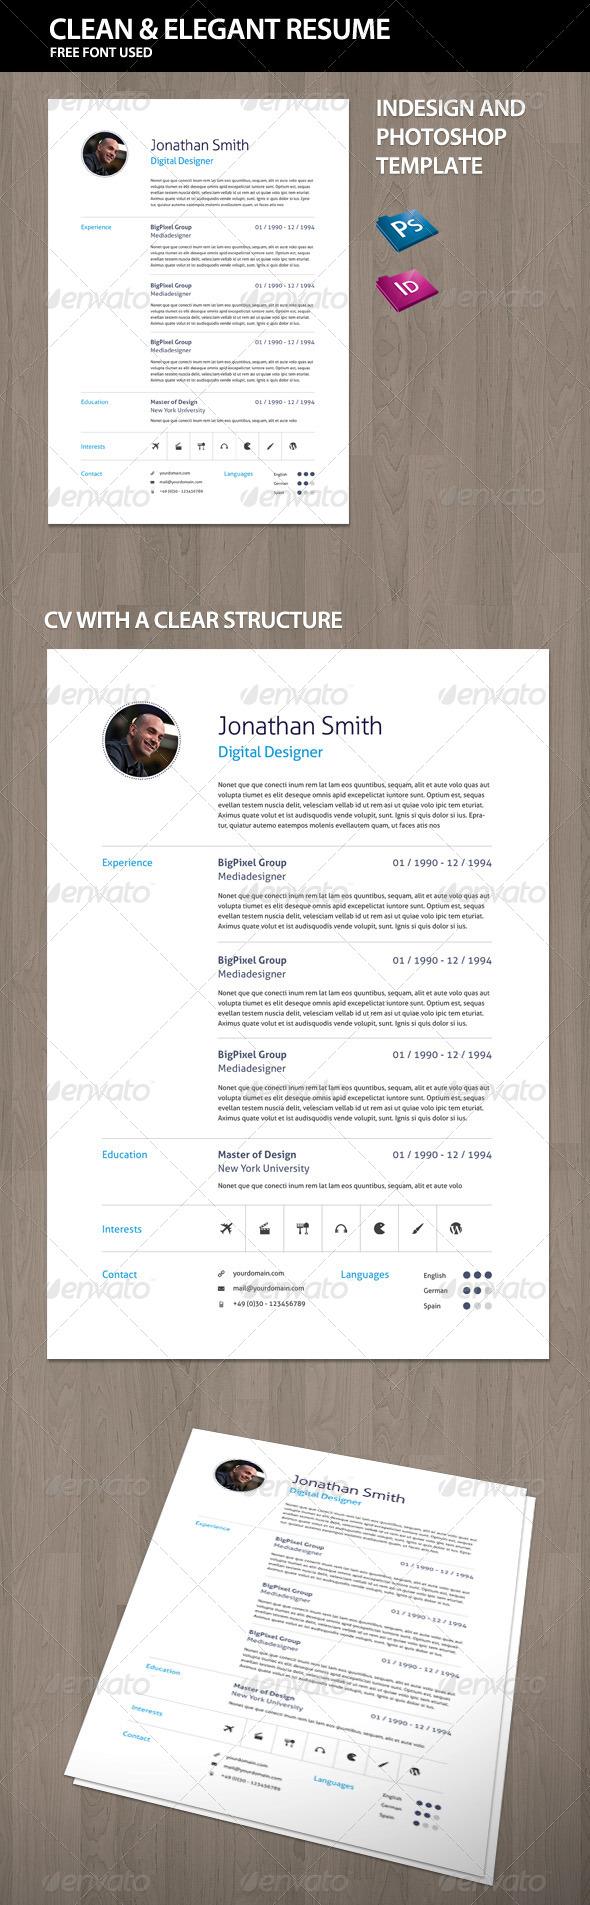 GraphicRiver Elegant Curriculum Vitae CV Resume 4412794